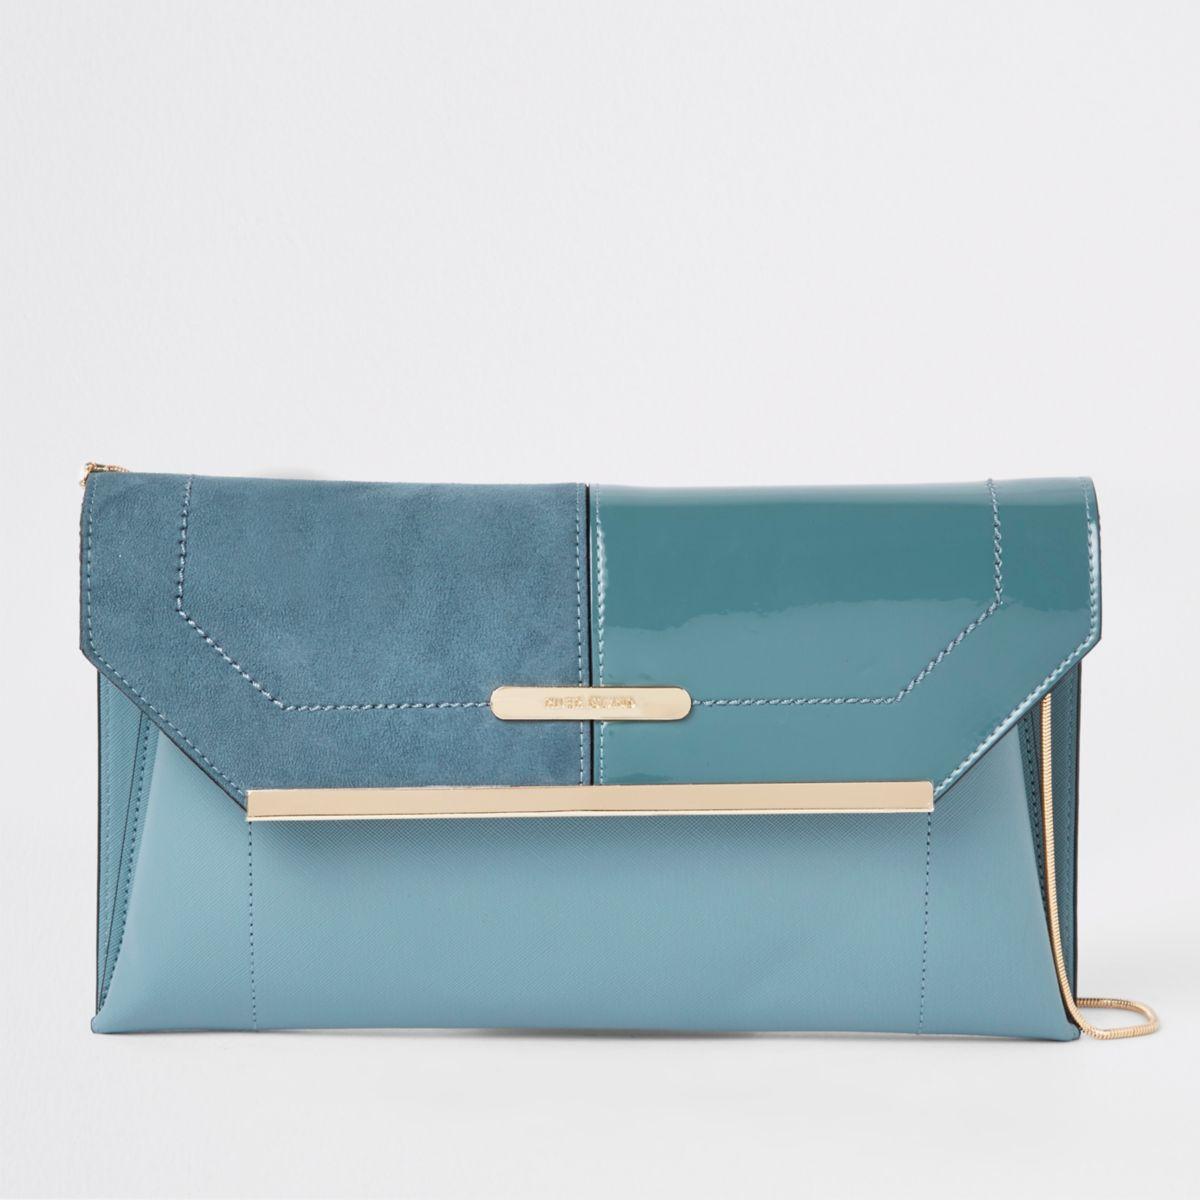 Blue envelope clutch bag